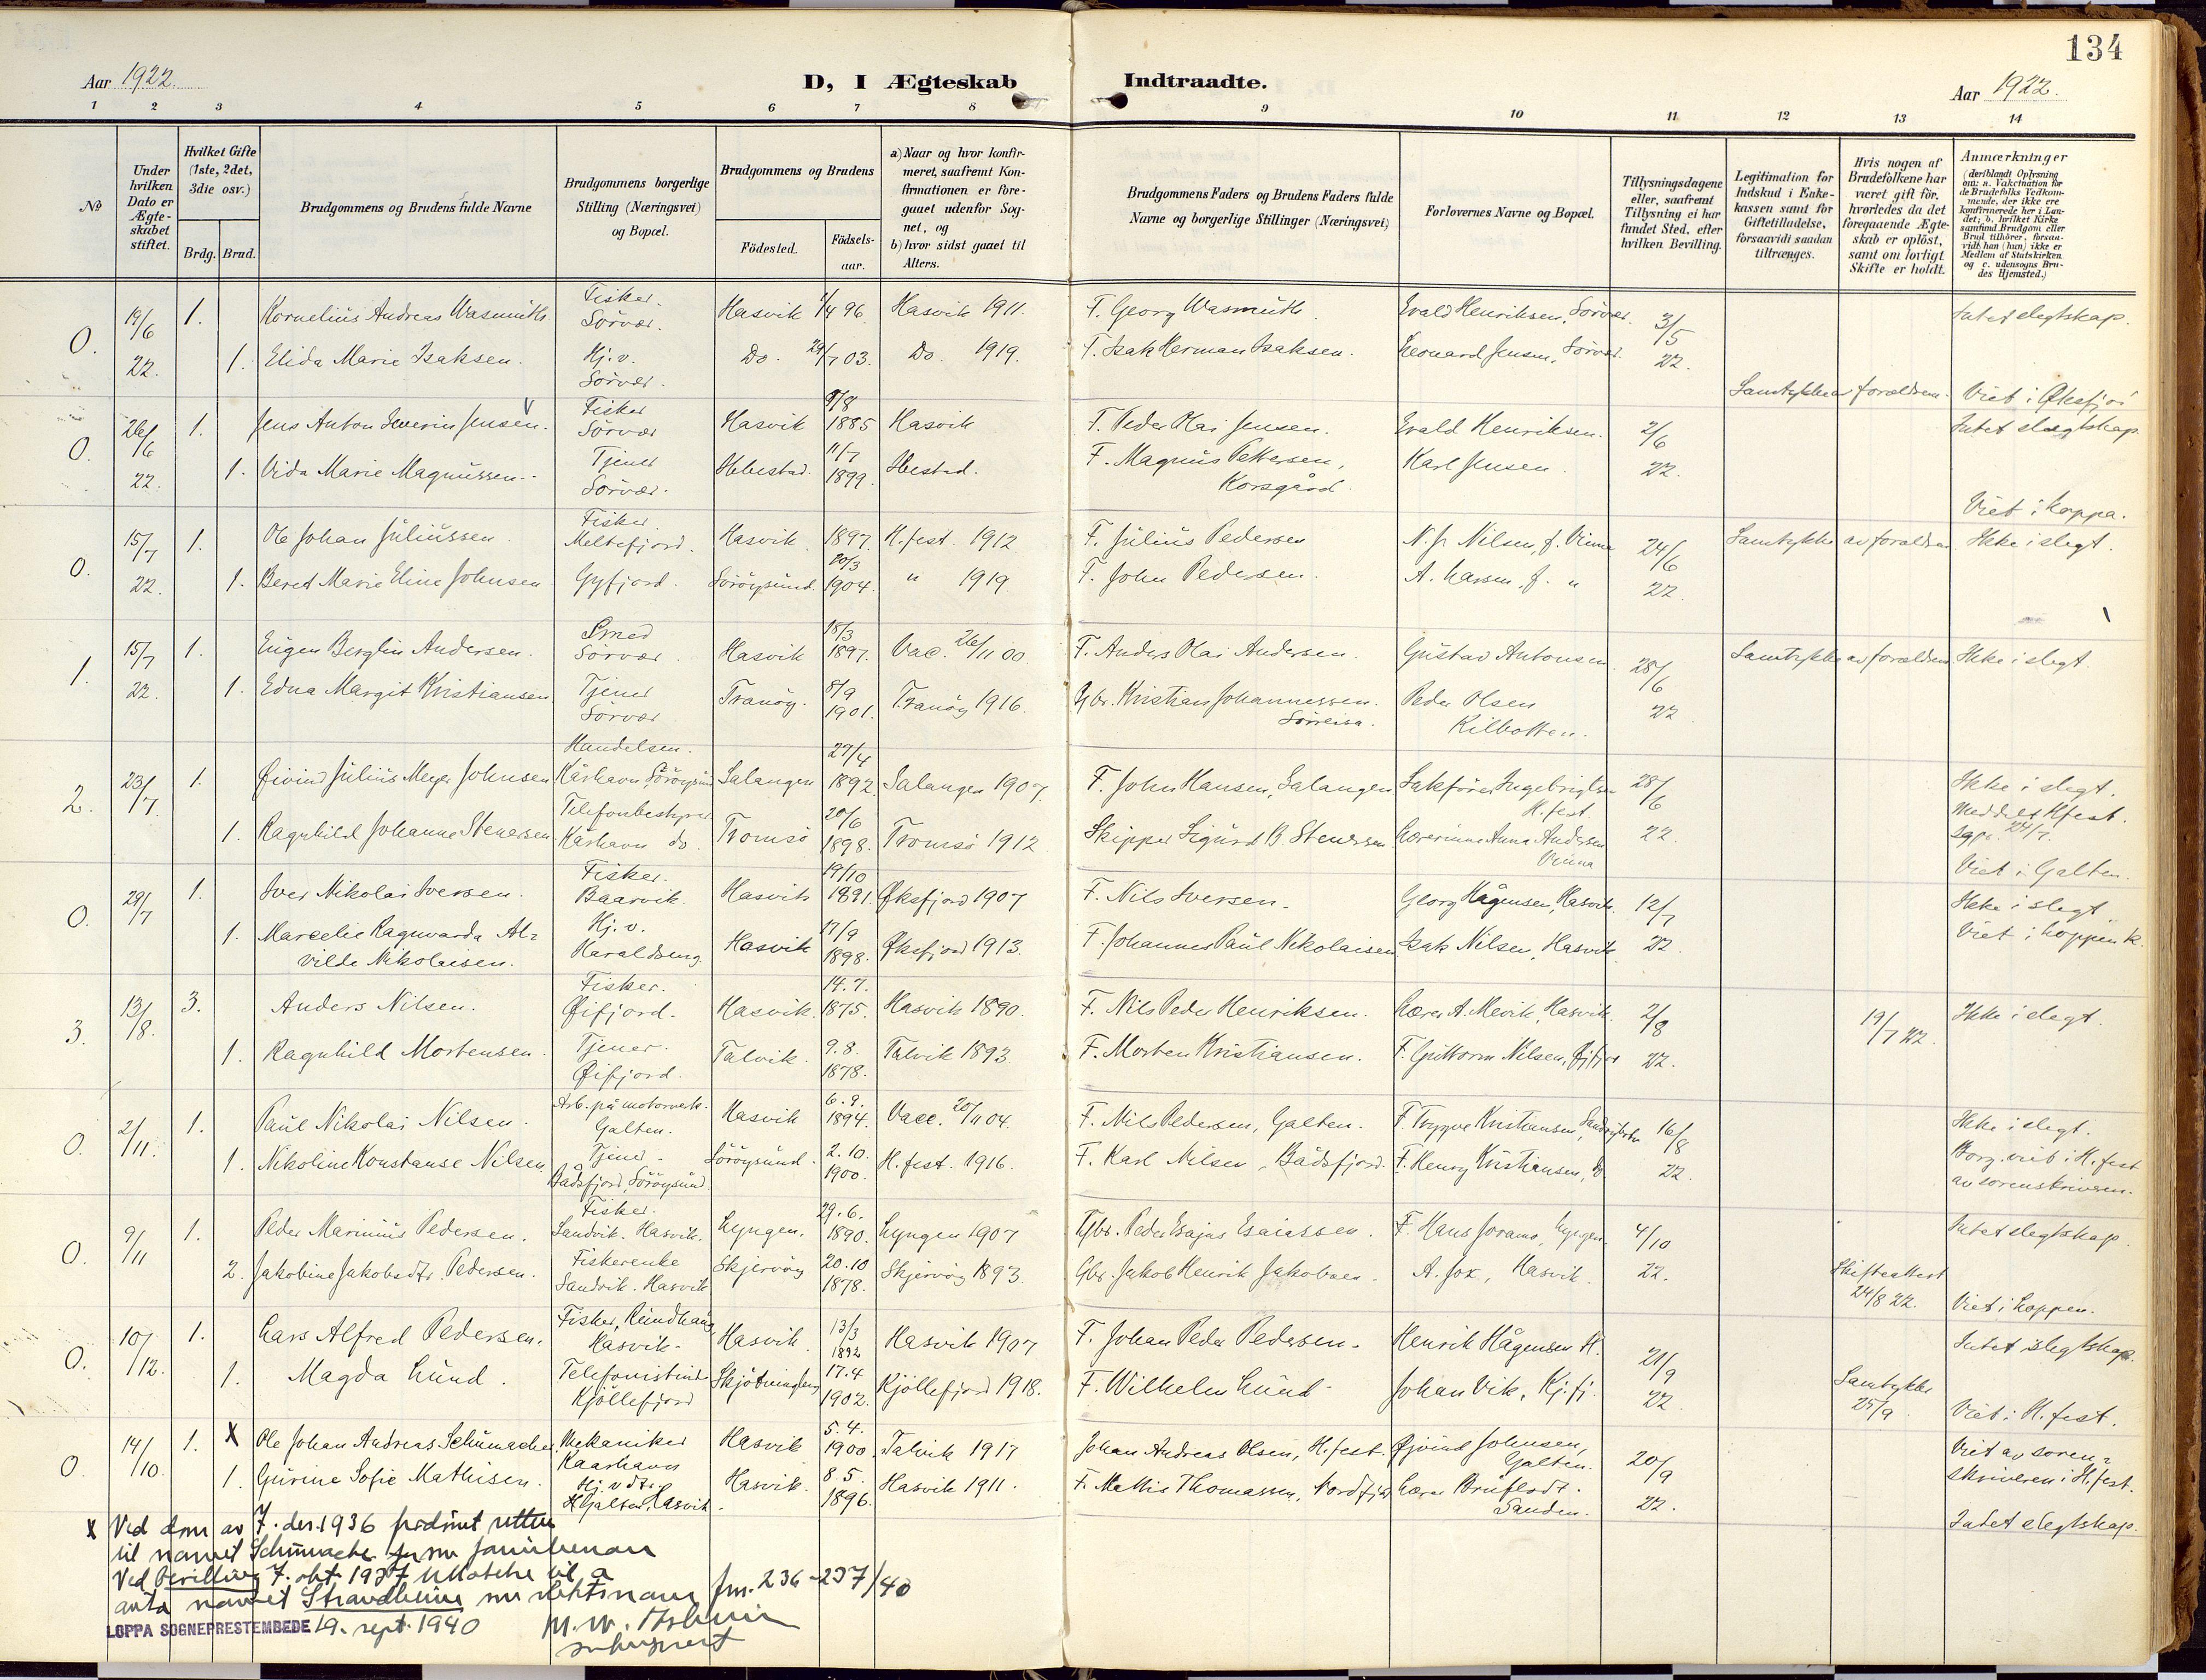 SATØ, Loppa sokneprestkontor, H/Ha/L0010kirke: Ministerialbok nr. 10, 1907-1922, s. 134